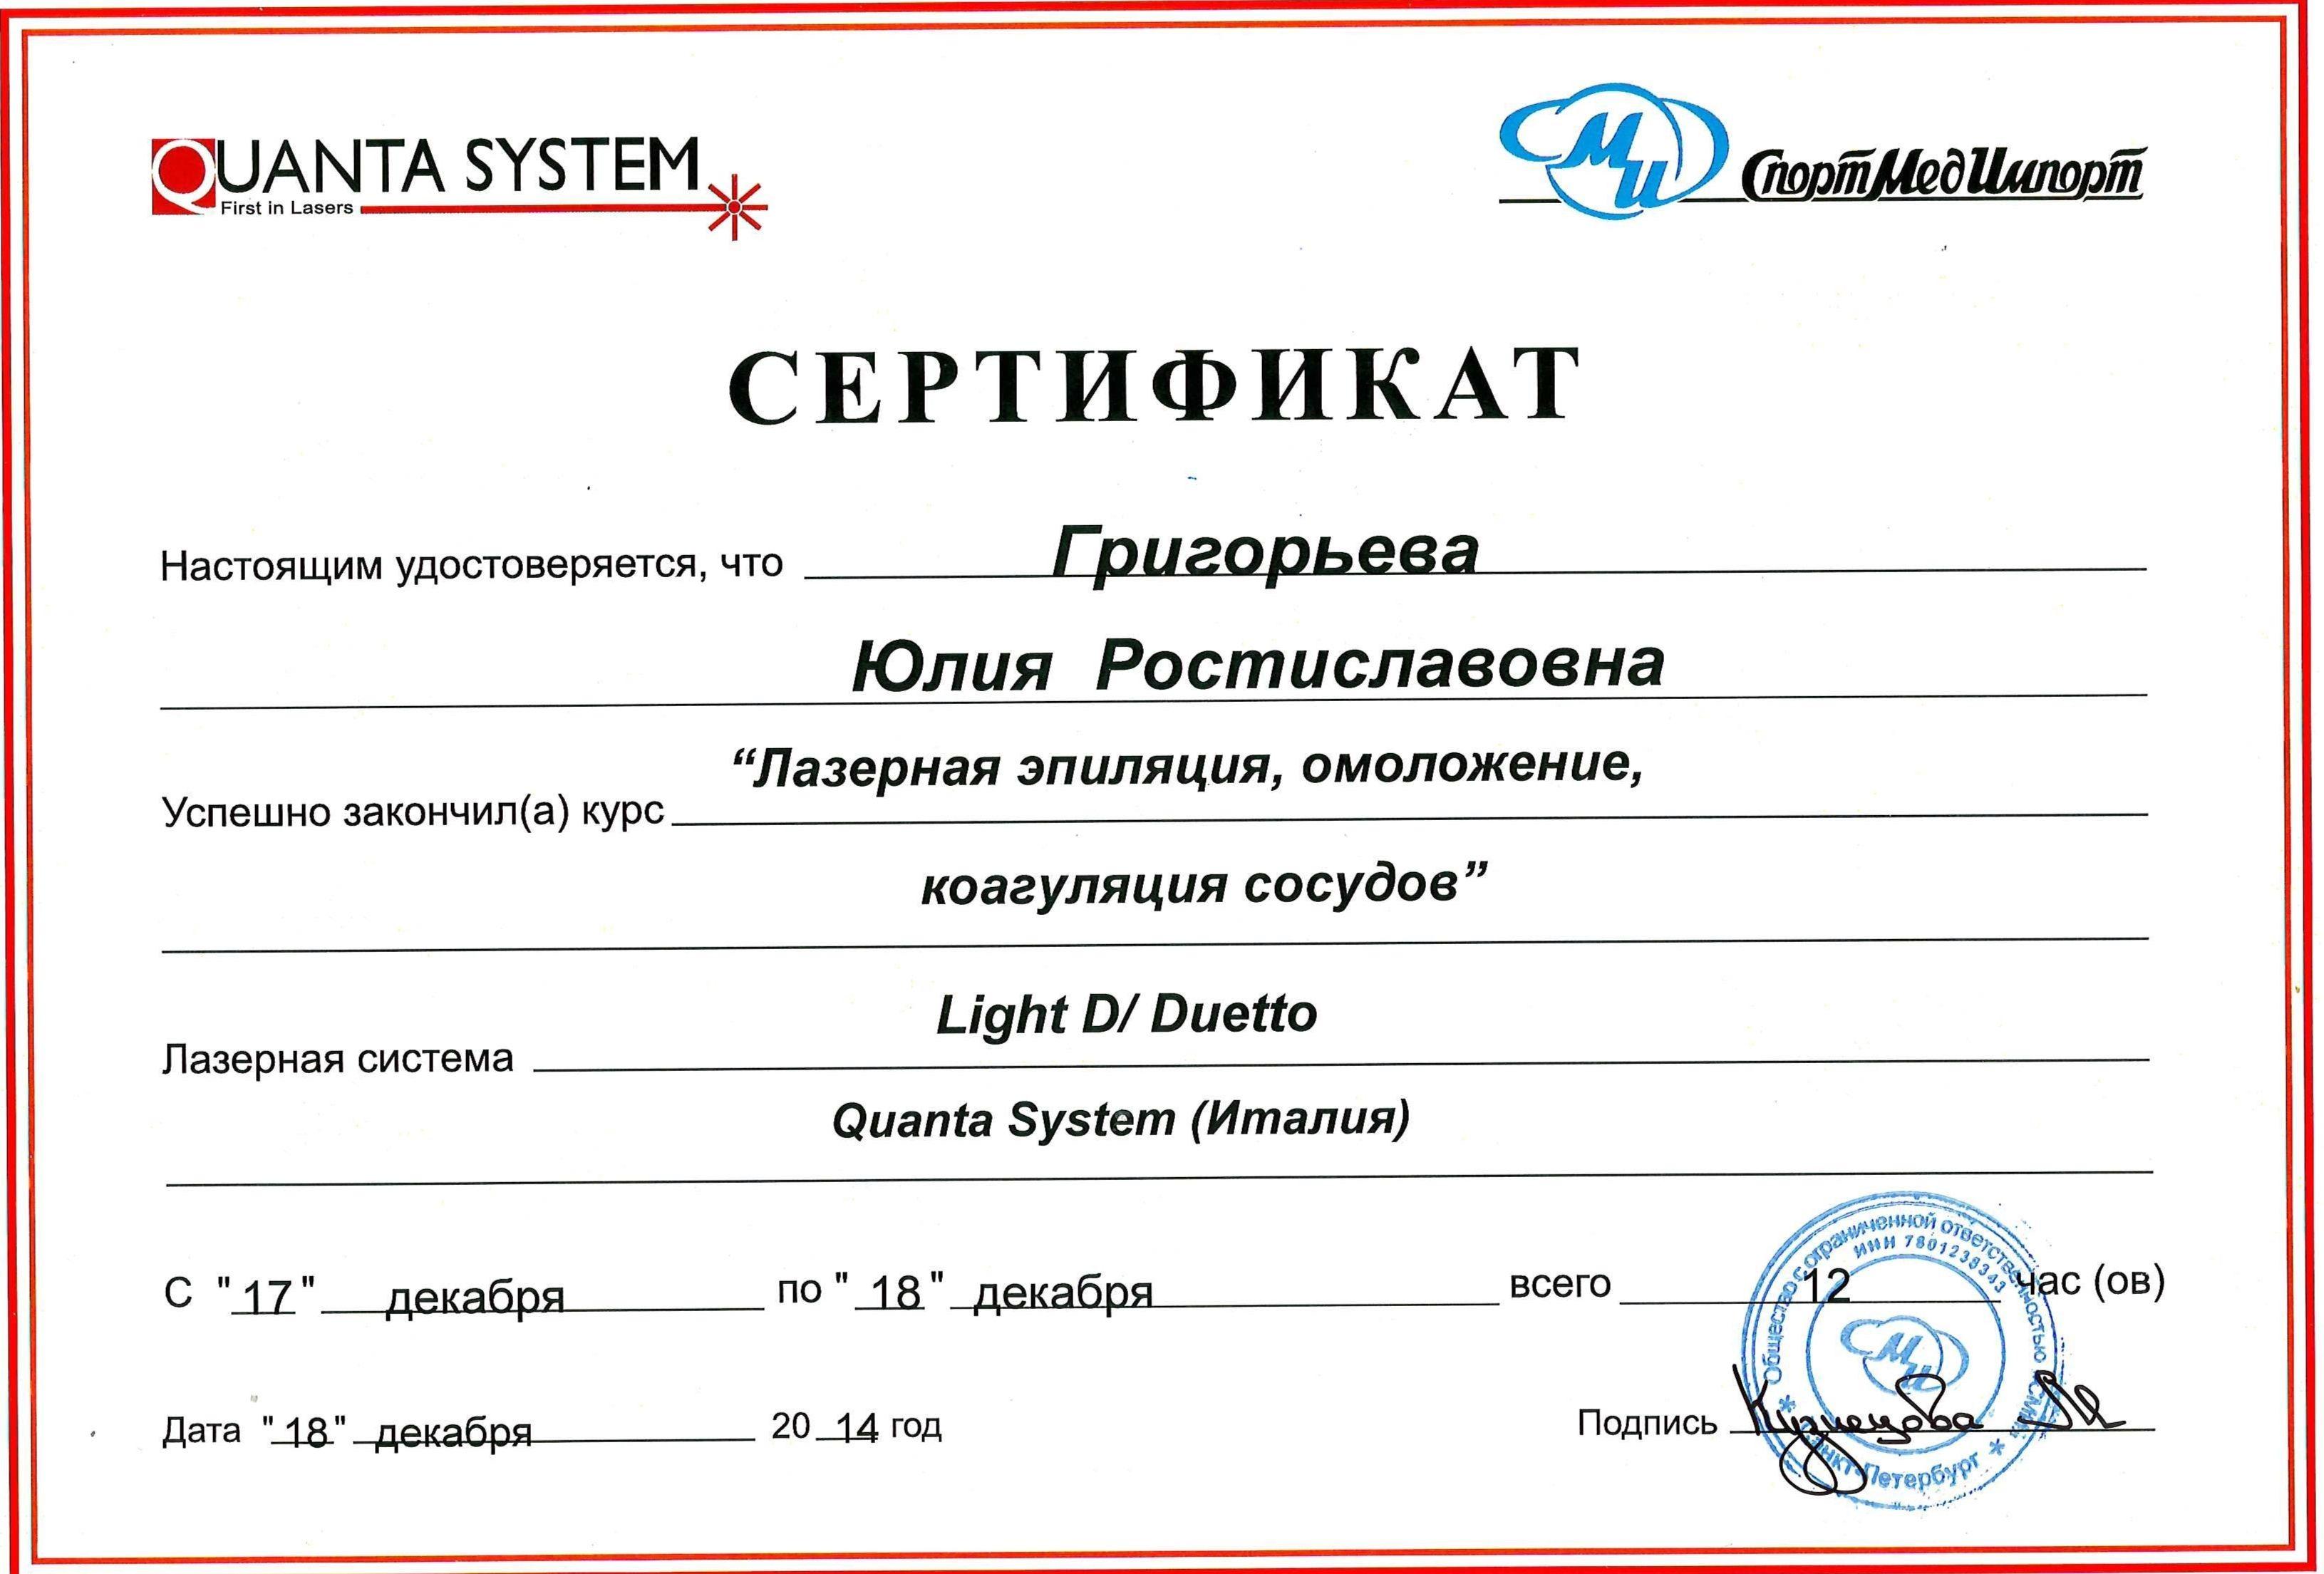 Сертификат — Лазерная эпиляция Light D/ Duetto. Григорьева Юлия Ростиславовна